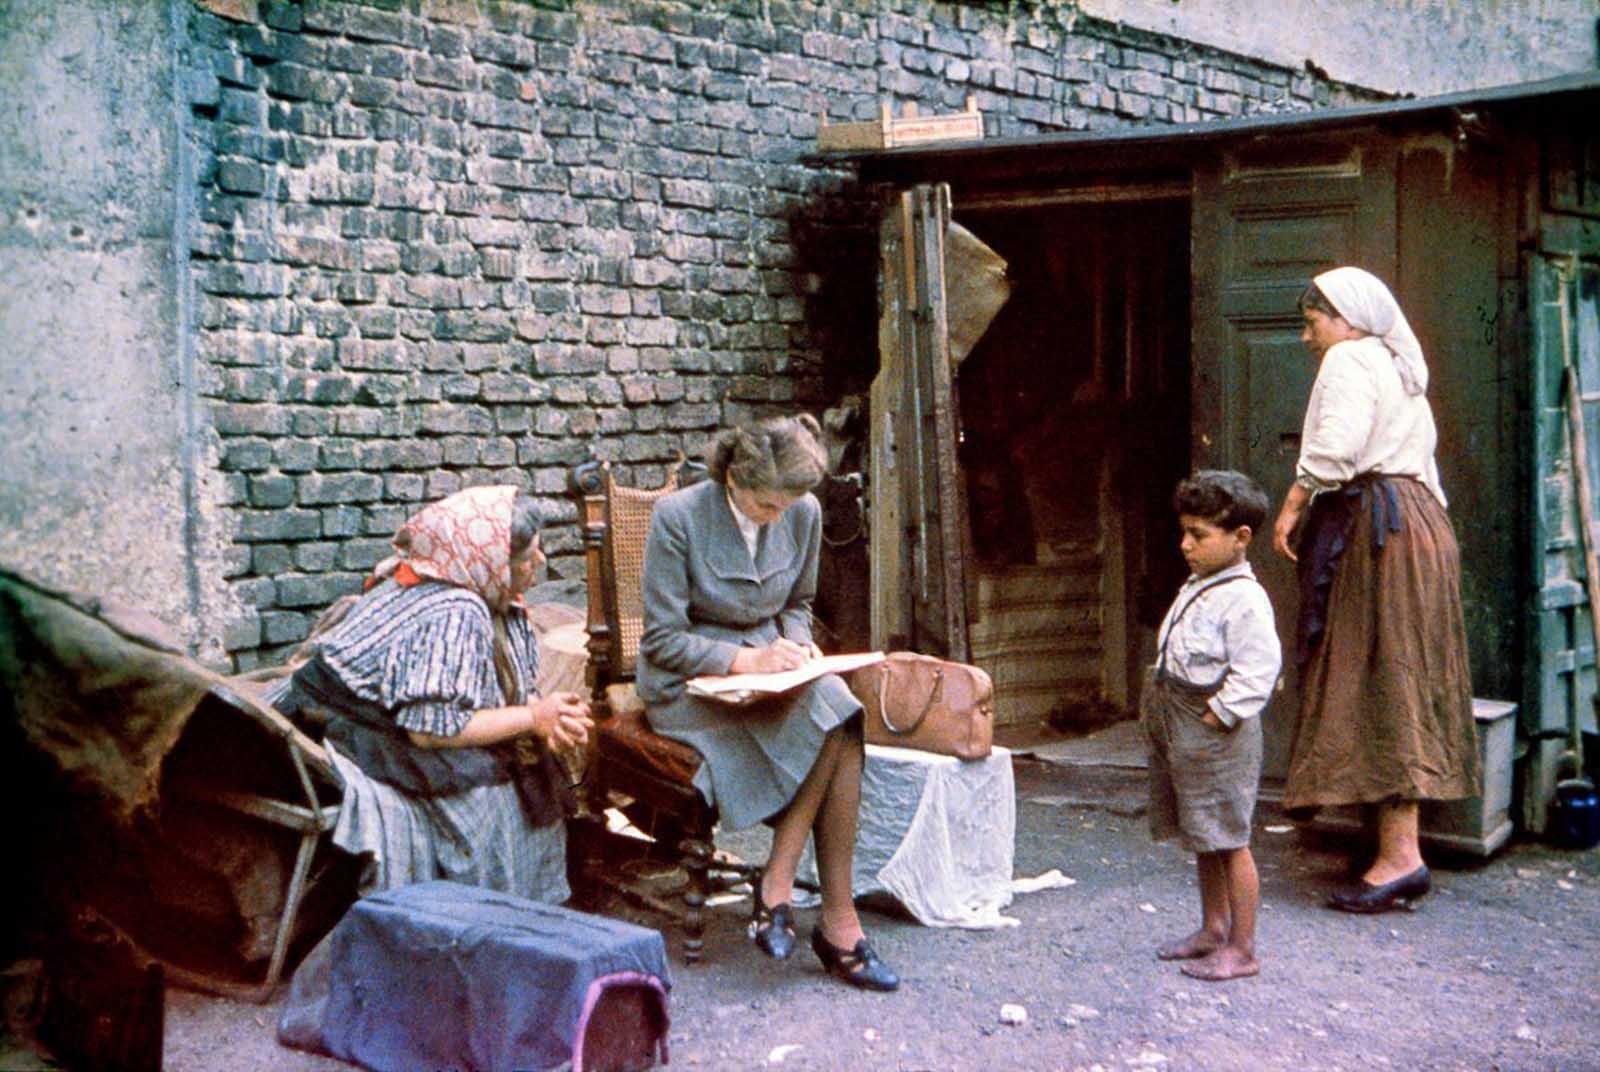 Eva Justin entrevista a una mujer romaní sobre su familia y su ascendencia. 1938.